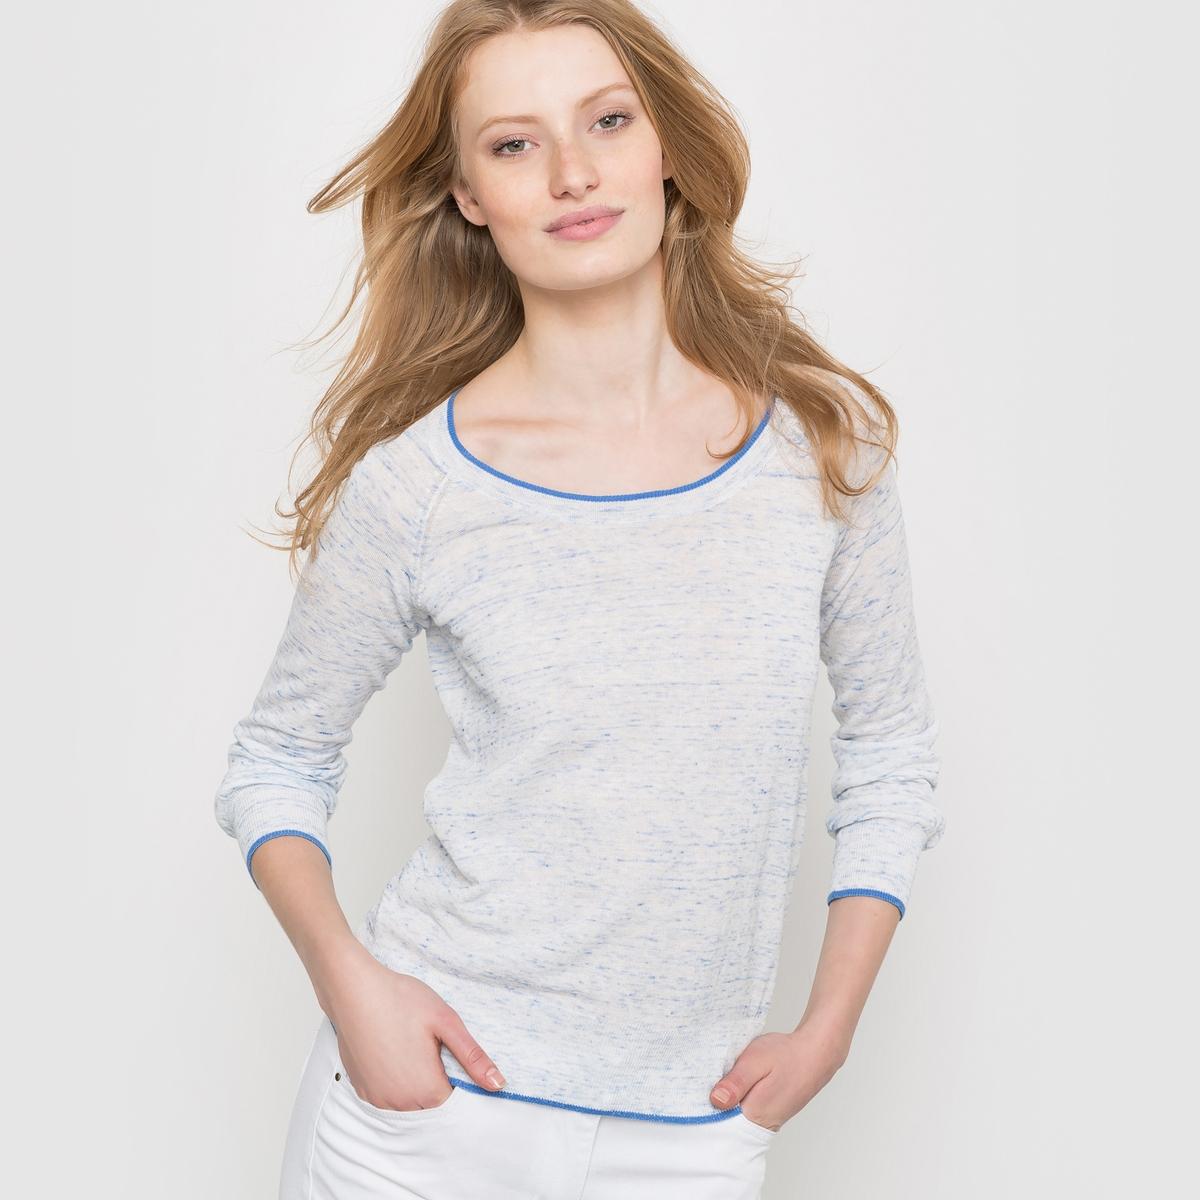 Пуловер из тонкого меланжевого трикотажаПуловер из тонкого меланжевого трикотажа . Длинные рукава, круглый свободный вырез. Края выреза, рукавов и низа связаны в рубчик с тонкой контрастной линией   .Состав и описаниеМатериал : 56% хлопка, 44% полиамида длина : 60 смУход Машинная стирка при 30 °С<br><br>Цвет: экрю<br>Размер: 42/44 (FR) - 48/50 (RUS)